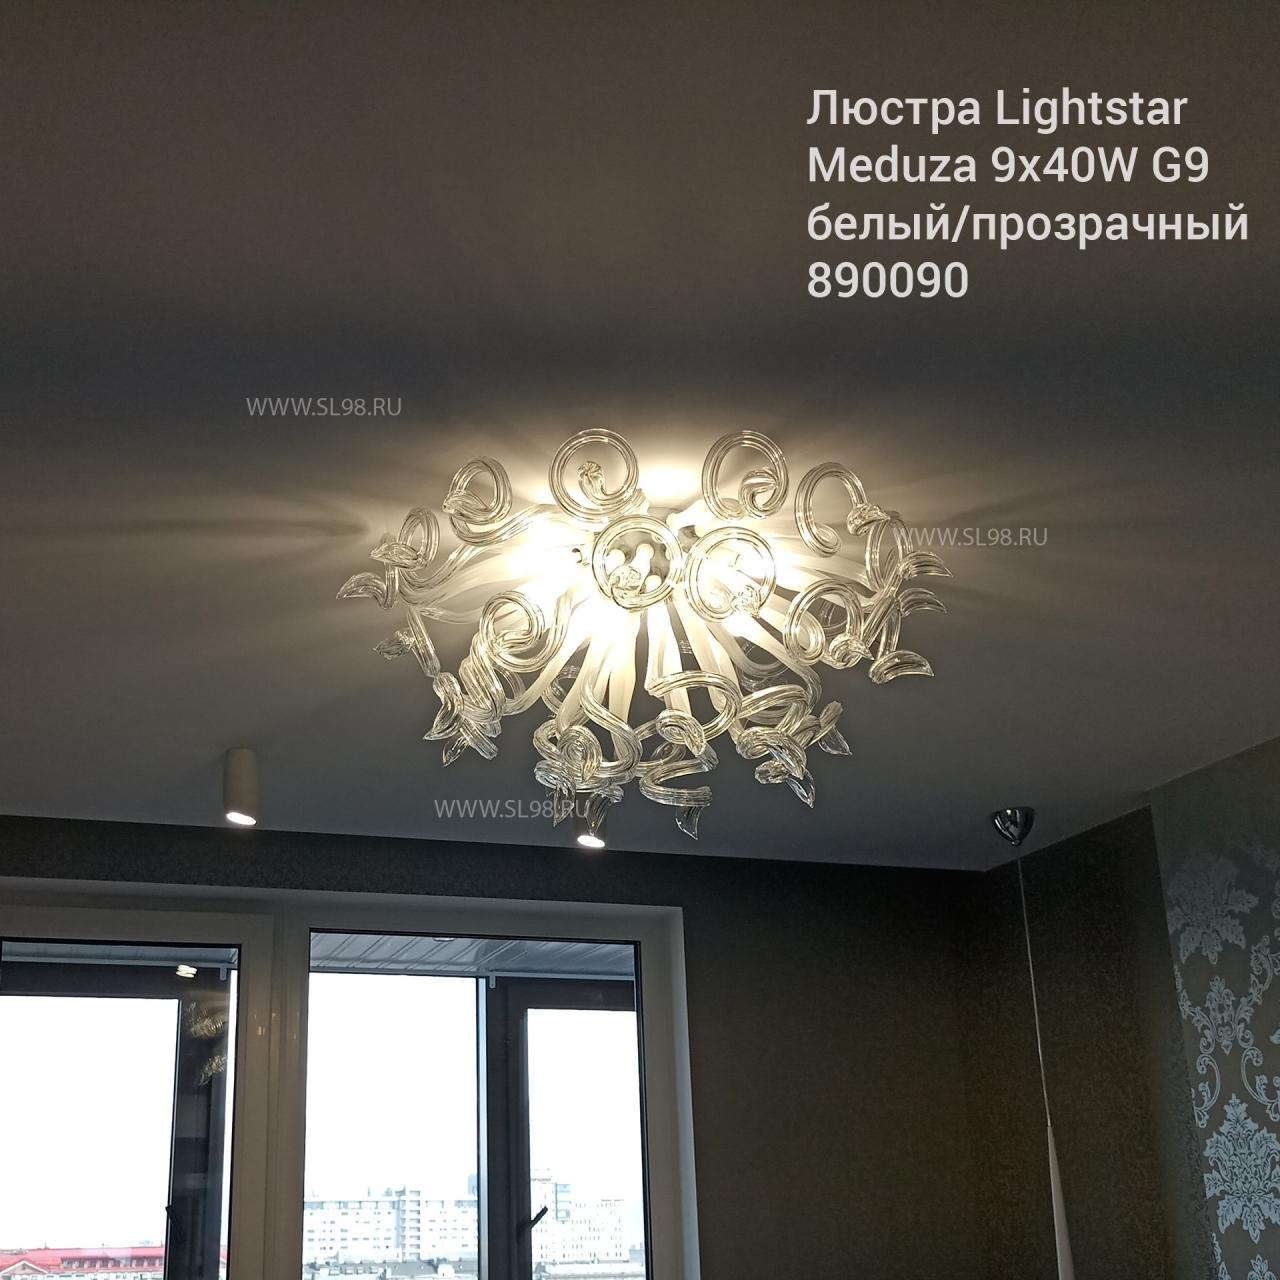 Люстра в интерьере: Люстра потолочная Medusa 9x40W G9 белый / прозрачный Lightstar 890090